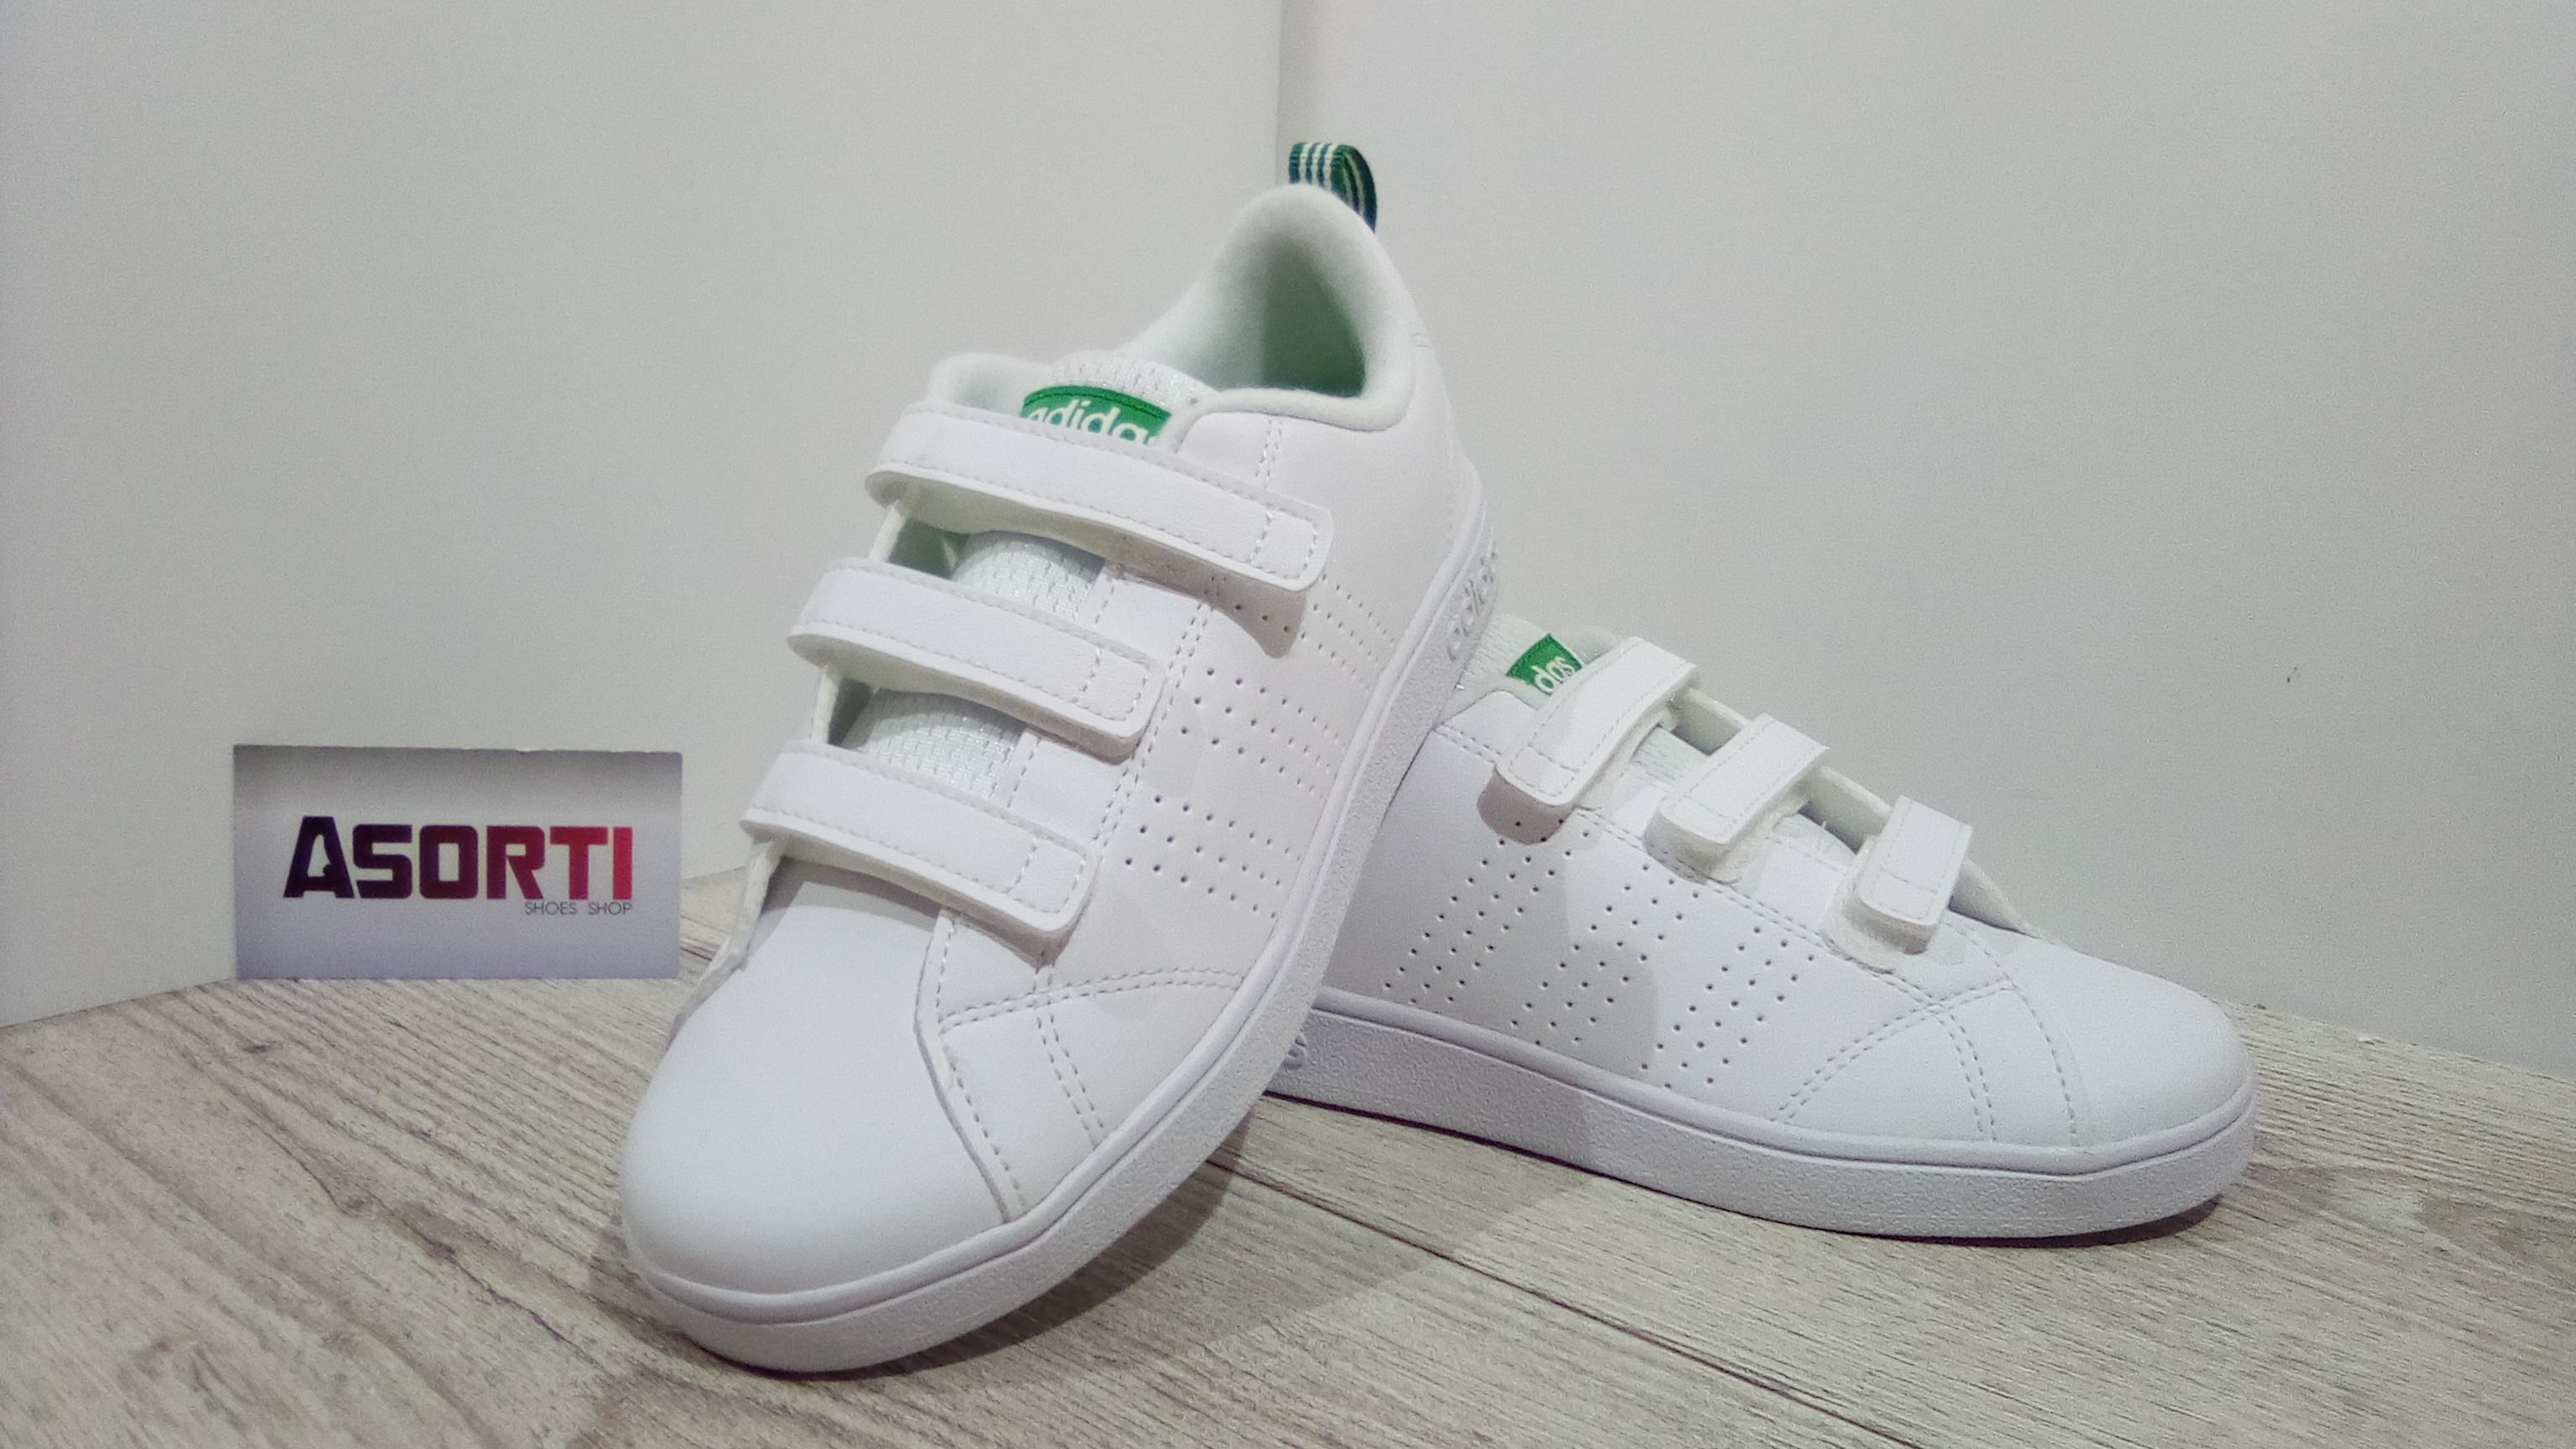 9c543d2f Детские кроссовки Adidas VS Advantage Clean (AW4880) белые купить в ...